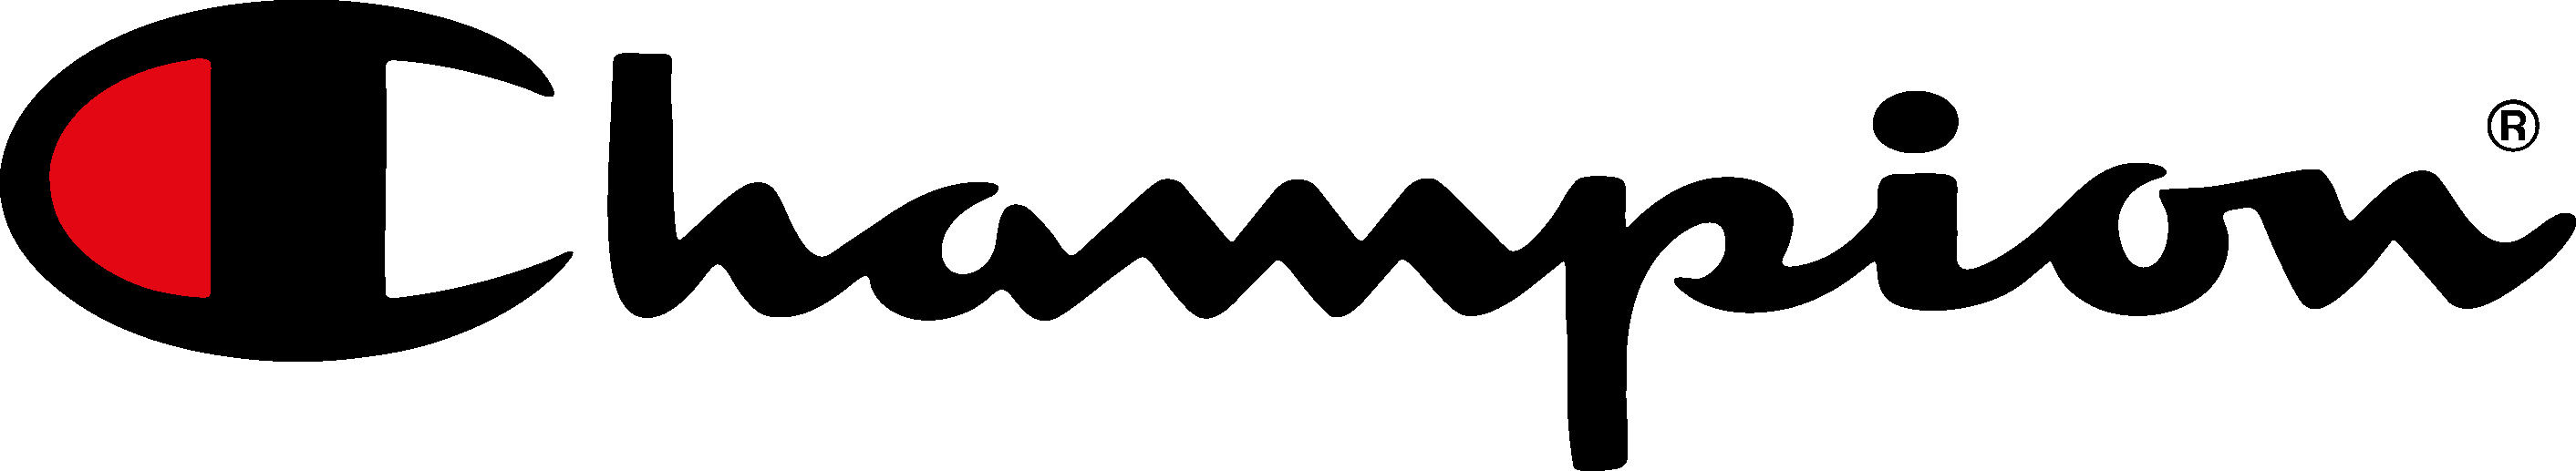 Champion Logo Download Vector (con imágenes)